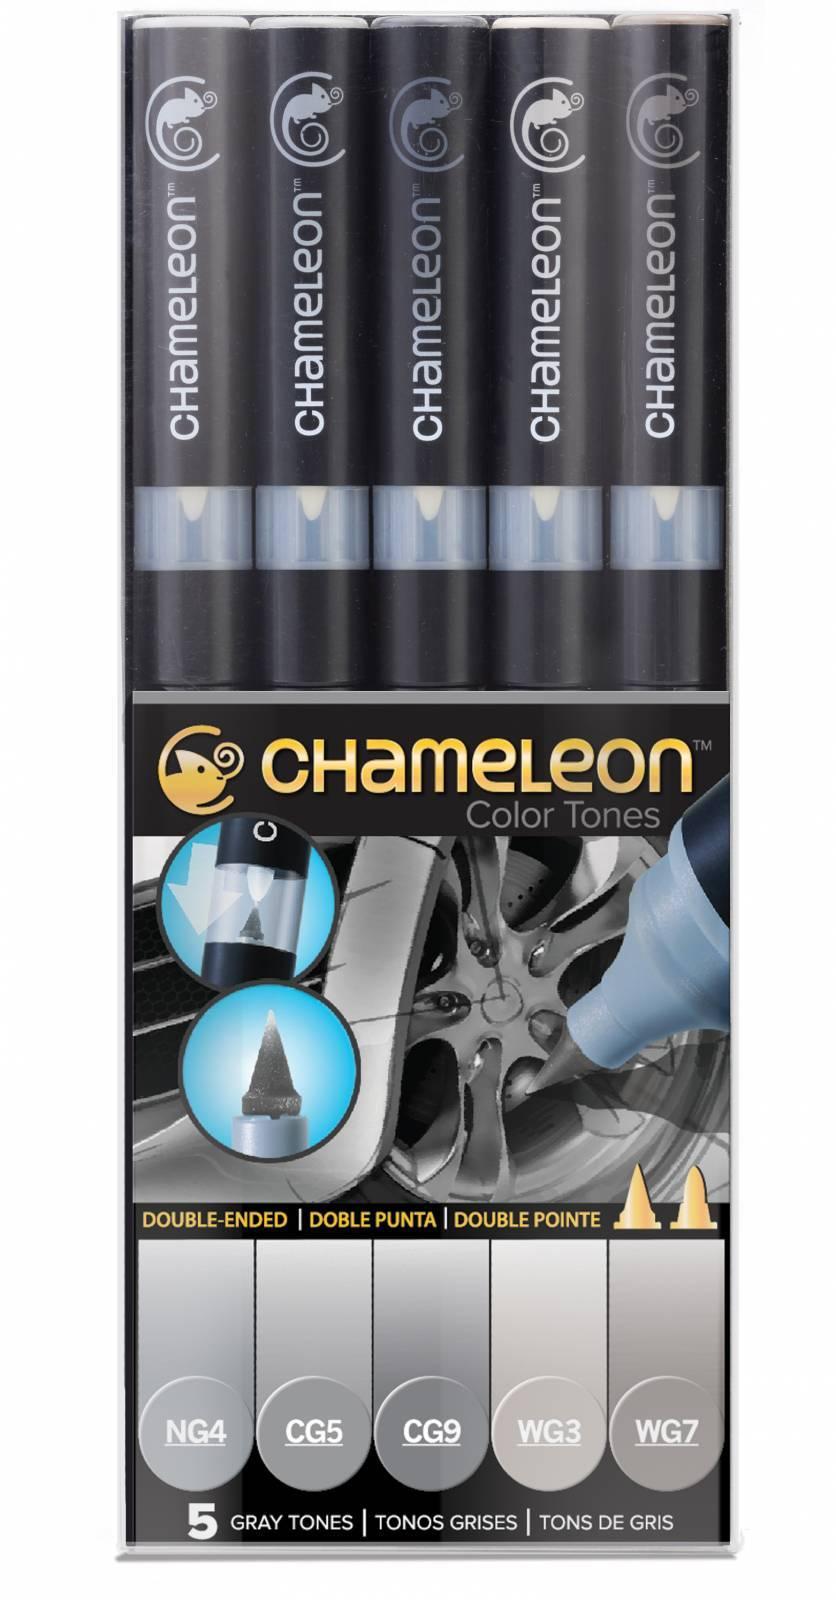 KIT CHAMELEON 5 CANETAS TONS DE CINZA CT0509